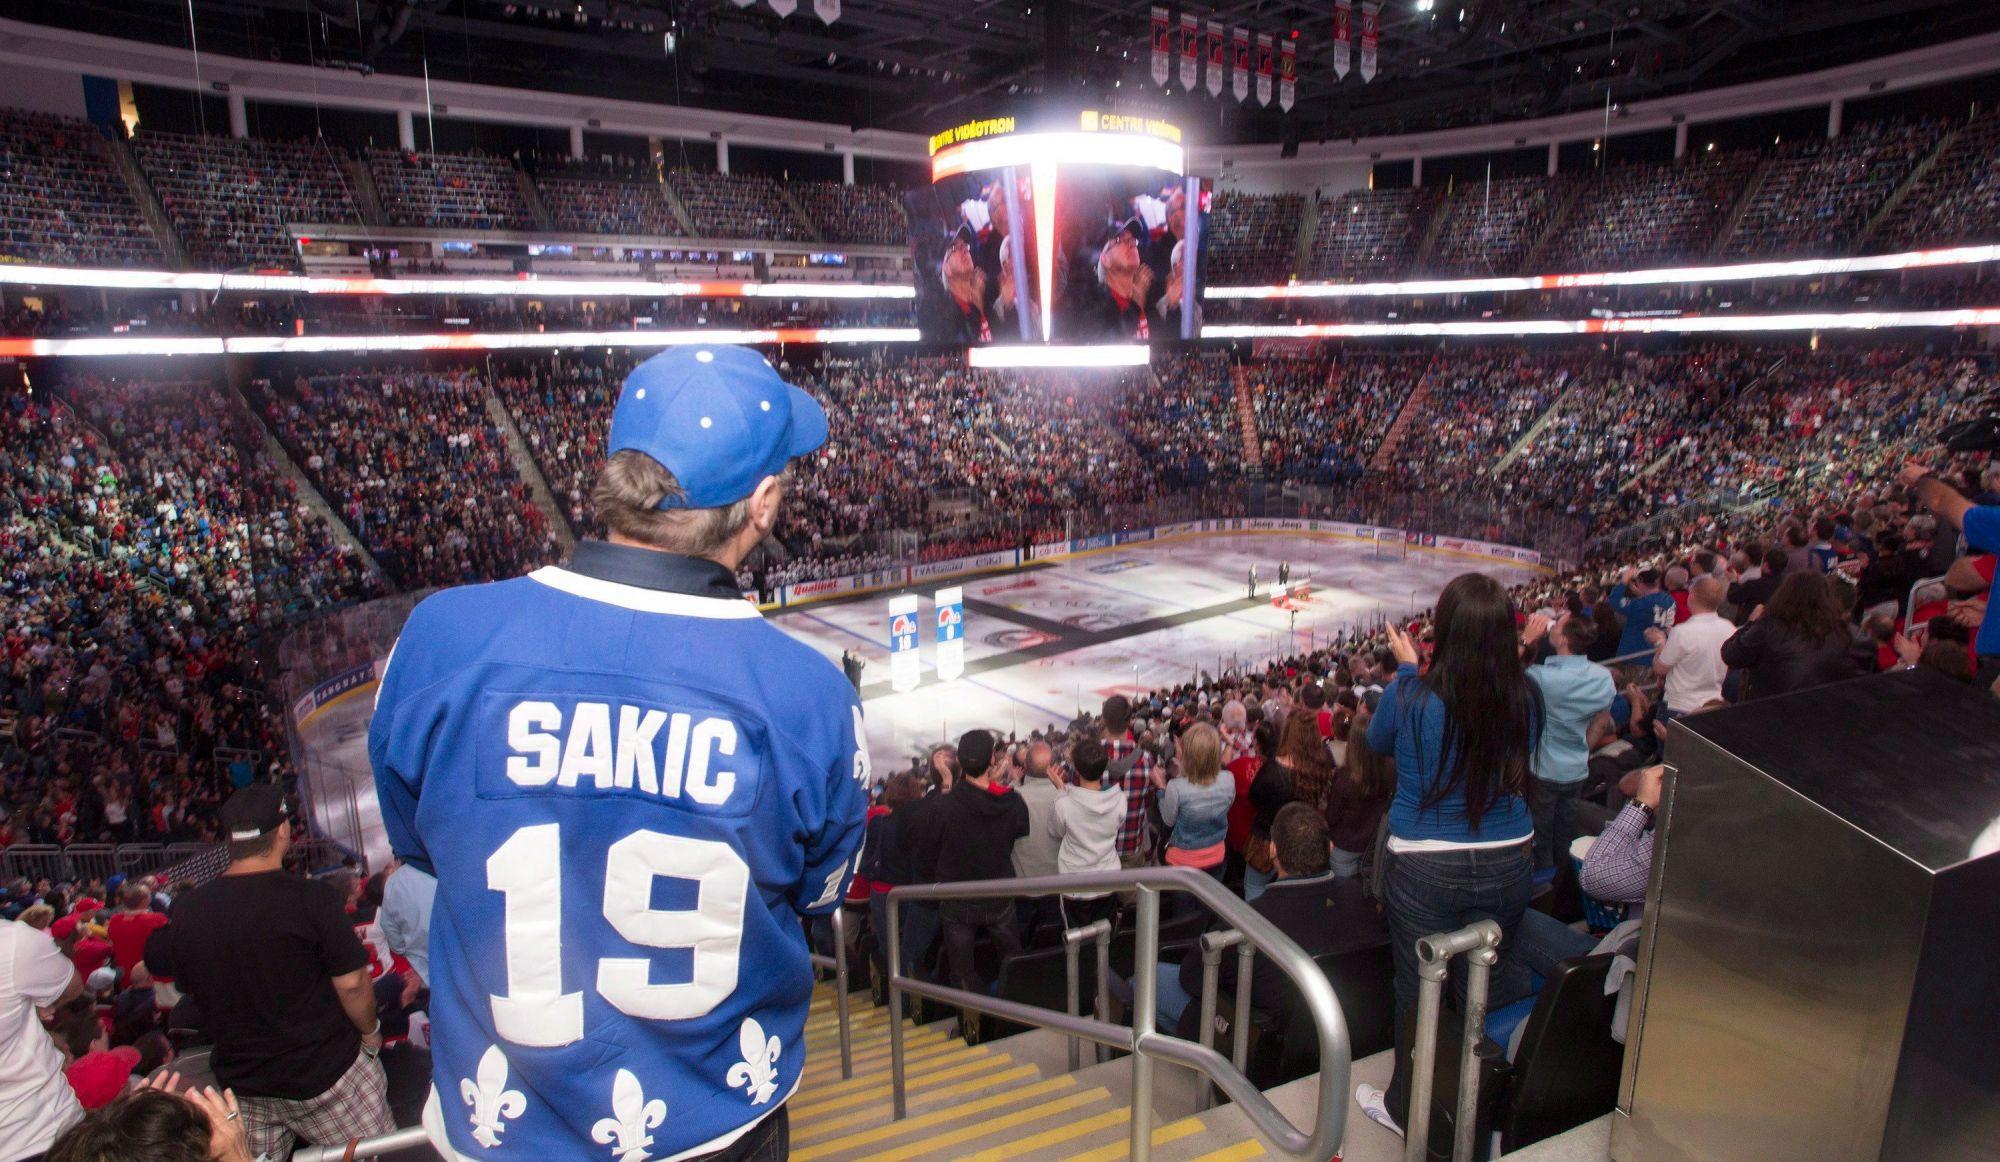 Québecor veut rencontrer le proprio des Bruins